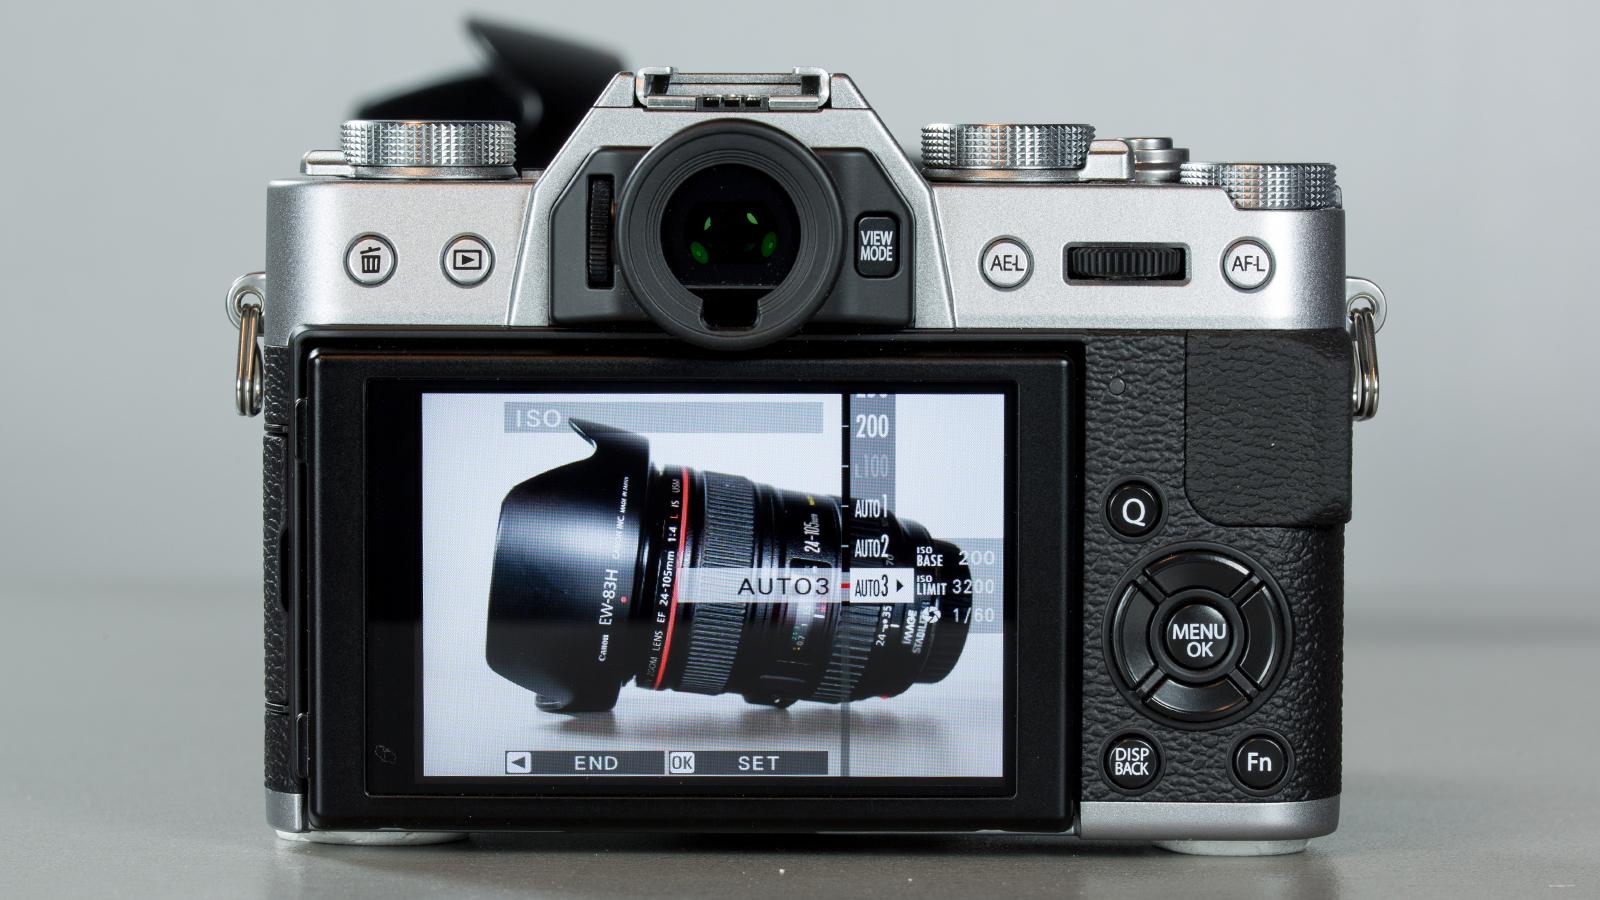 Fujifilm-X-T10-DT-017-ISOvahemik